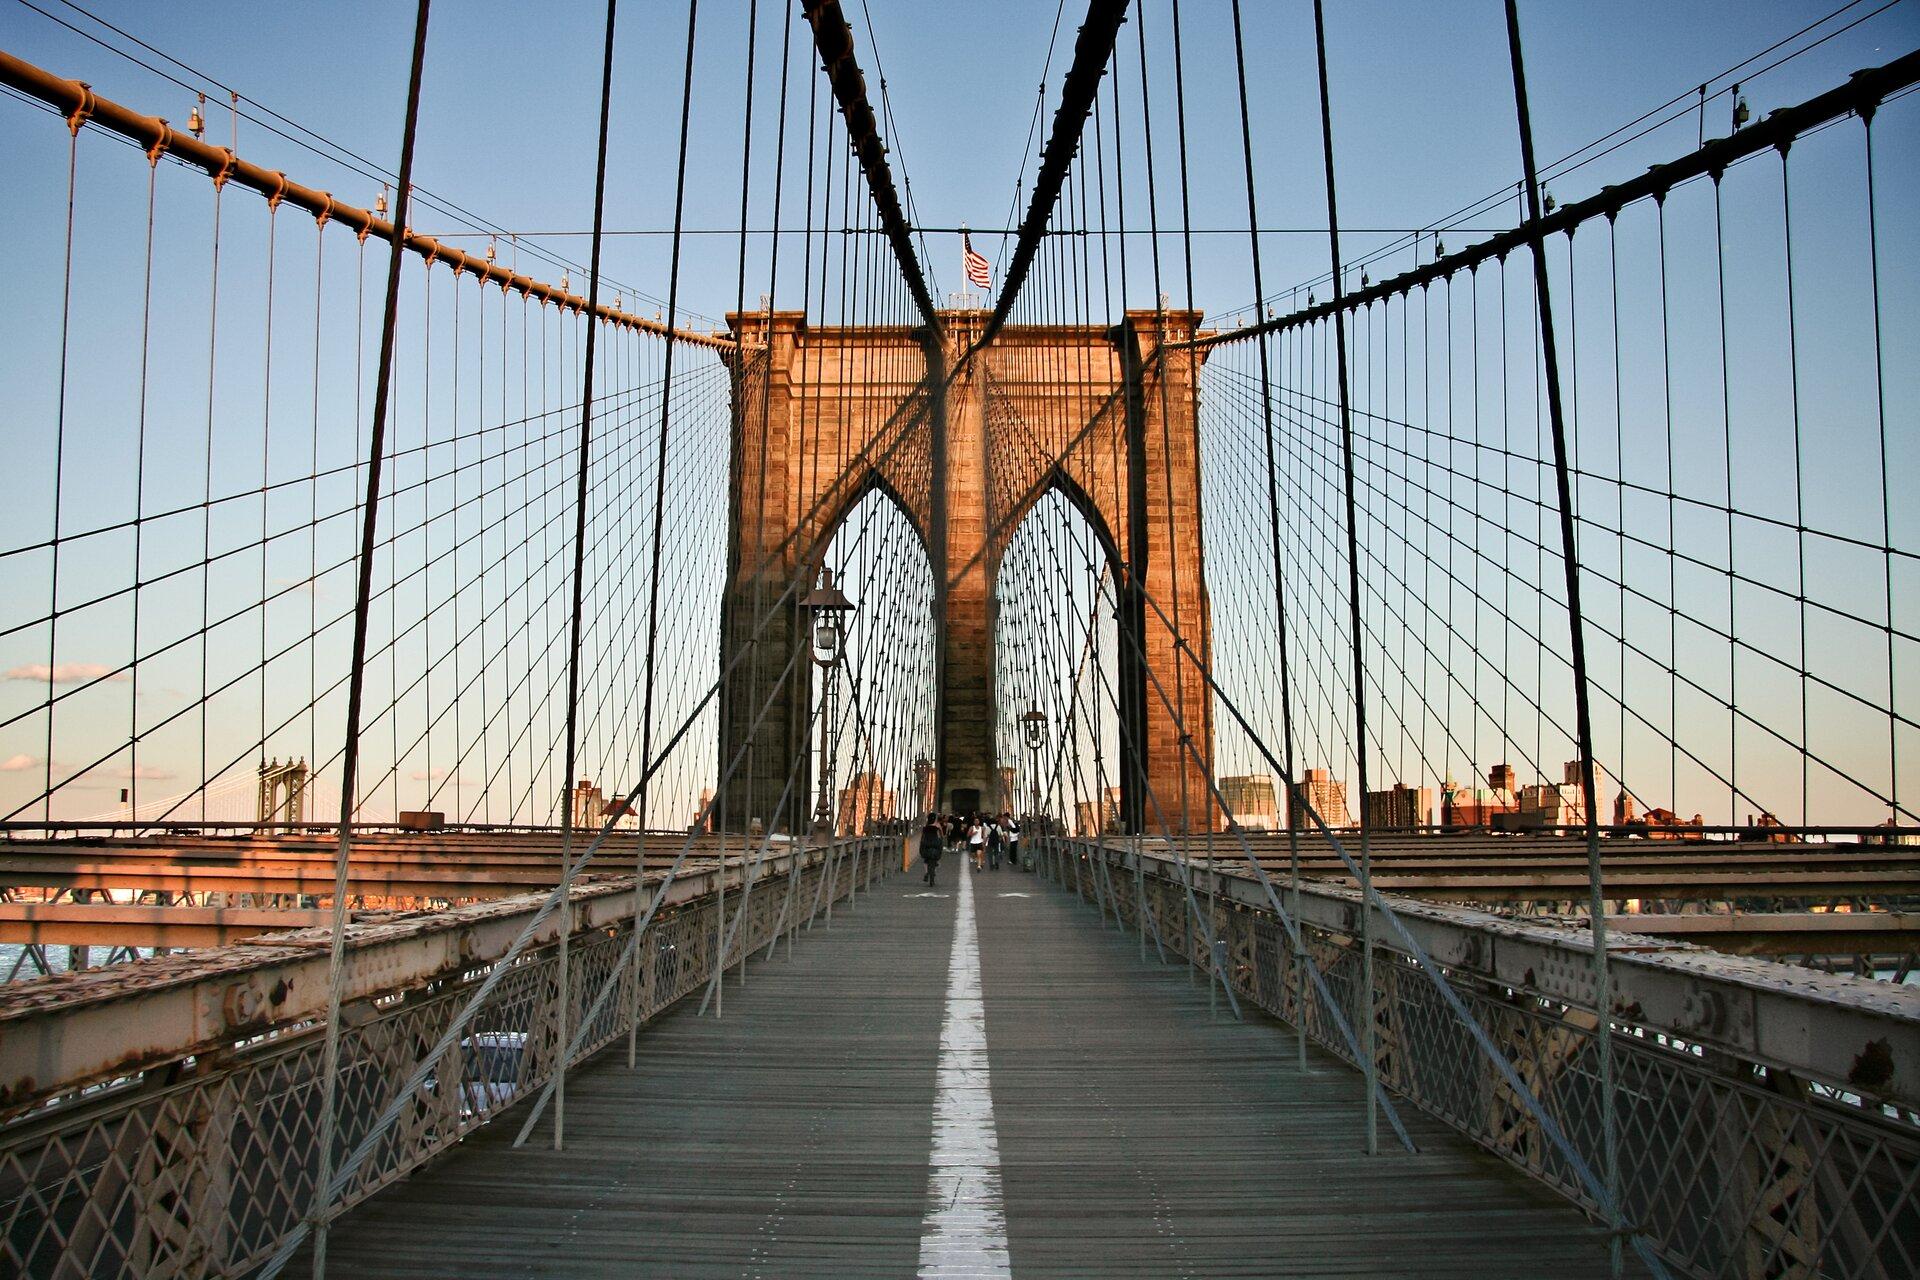 Ilustracja przedstawia Most Brookliński wNowym Jorku. Na zdjęciu ujęcie przy wejściu na most. Wcentralnej części widać filar mostu oparty na trzech kolumnach. Na szczycie zatknięta jest flaga USA. Zfilaru odchodzą liny trzymające konstrukcję mostu. Powierzchnia mostu wyłożona jest deskami iwidać idących po nim ludzi. Po obu stronach są metalowe grube barierki zsiatką. Woddali widać budynki miasta iniebieskie niebo.